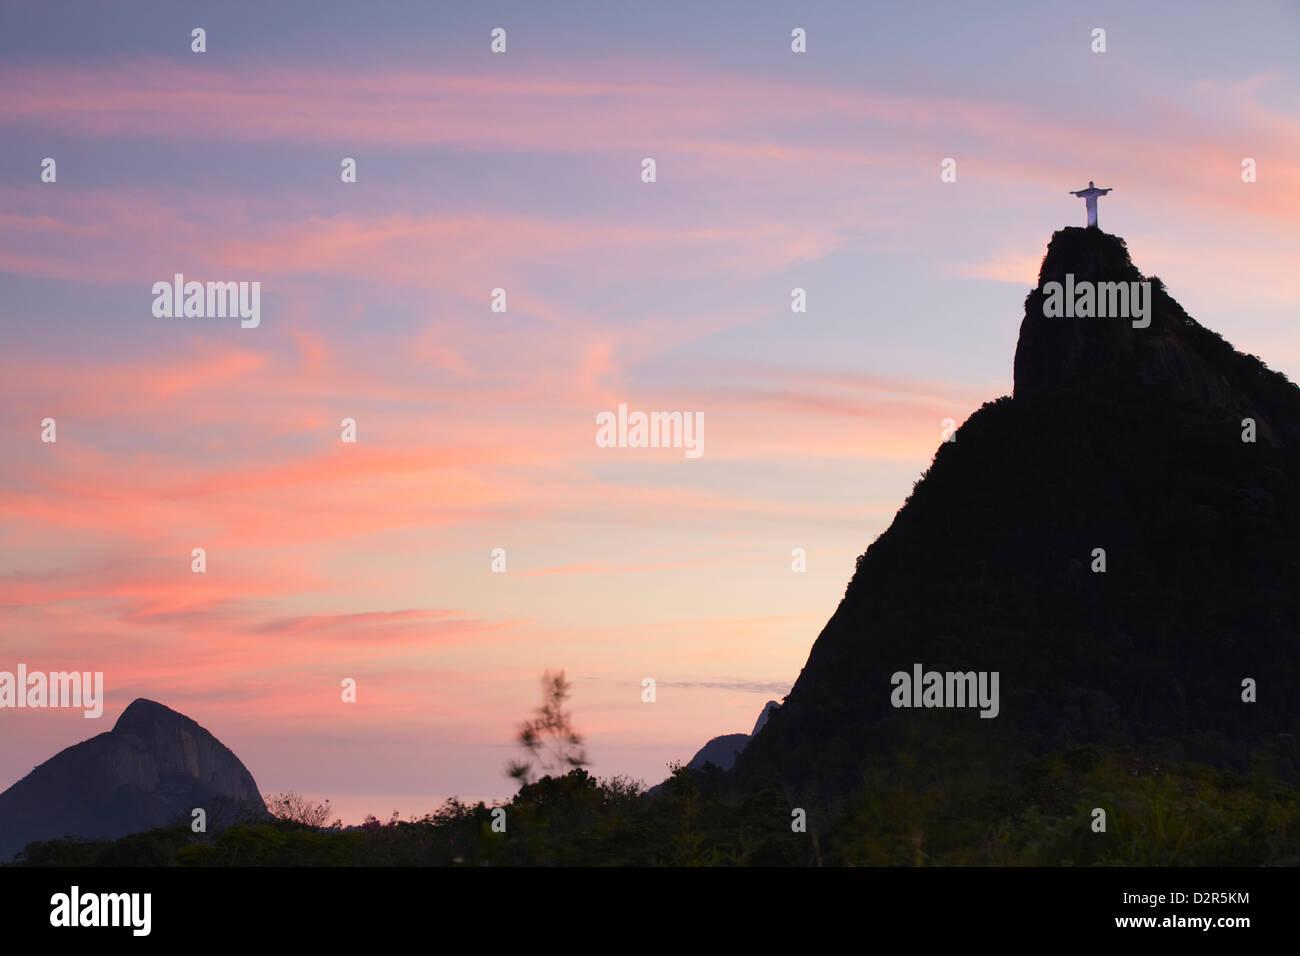 La estatua de Cristo Redentor (Cristo Redentor) al atardecer, Corvocado, Río de Janeiro, Brasil, América Imagen De Stock